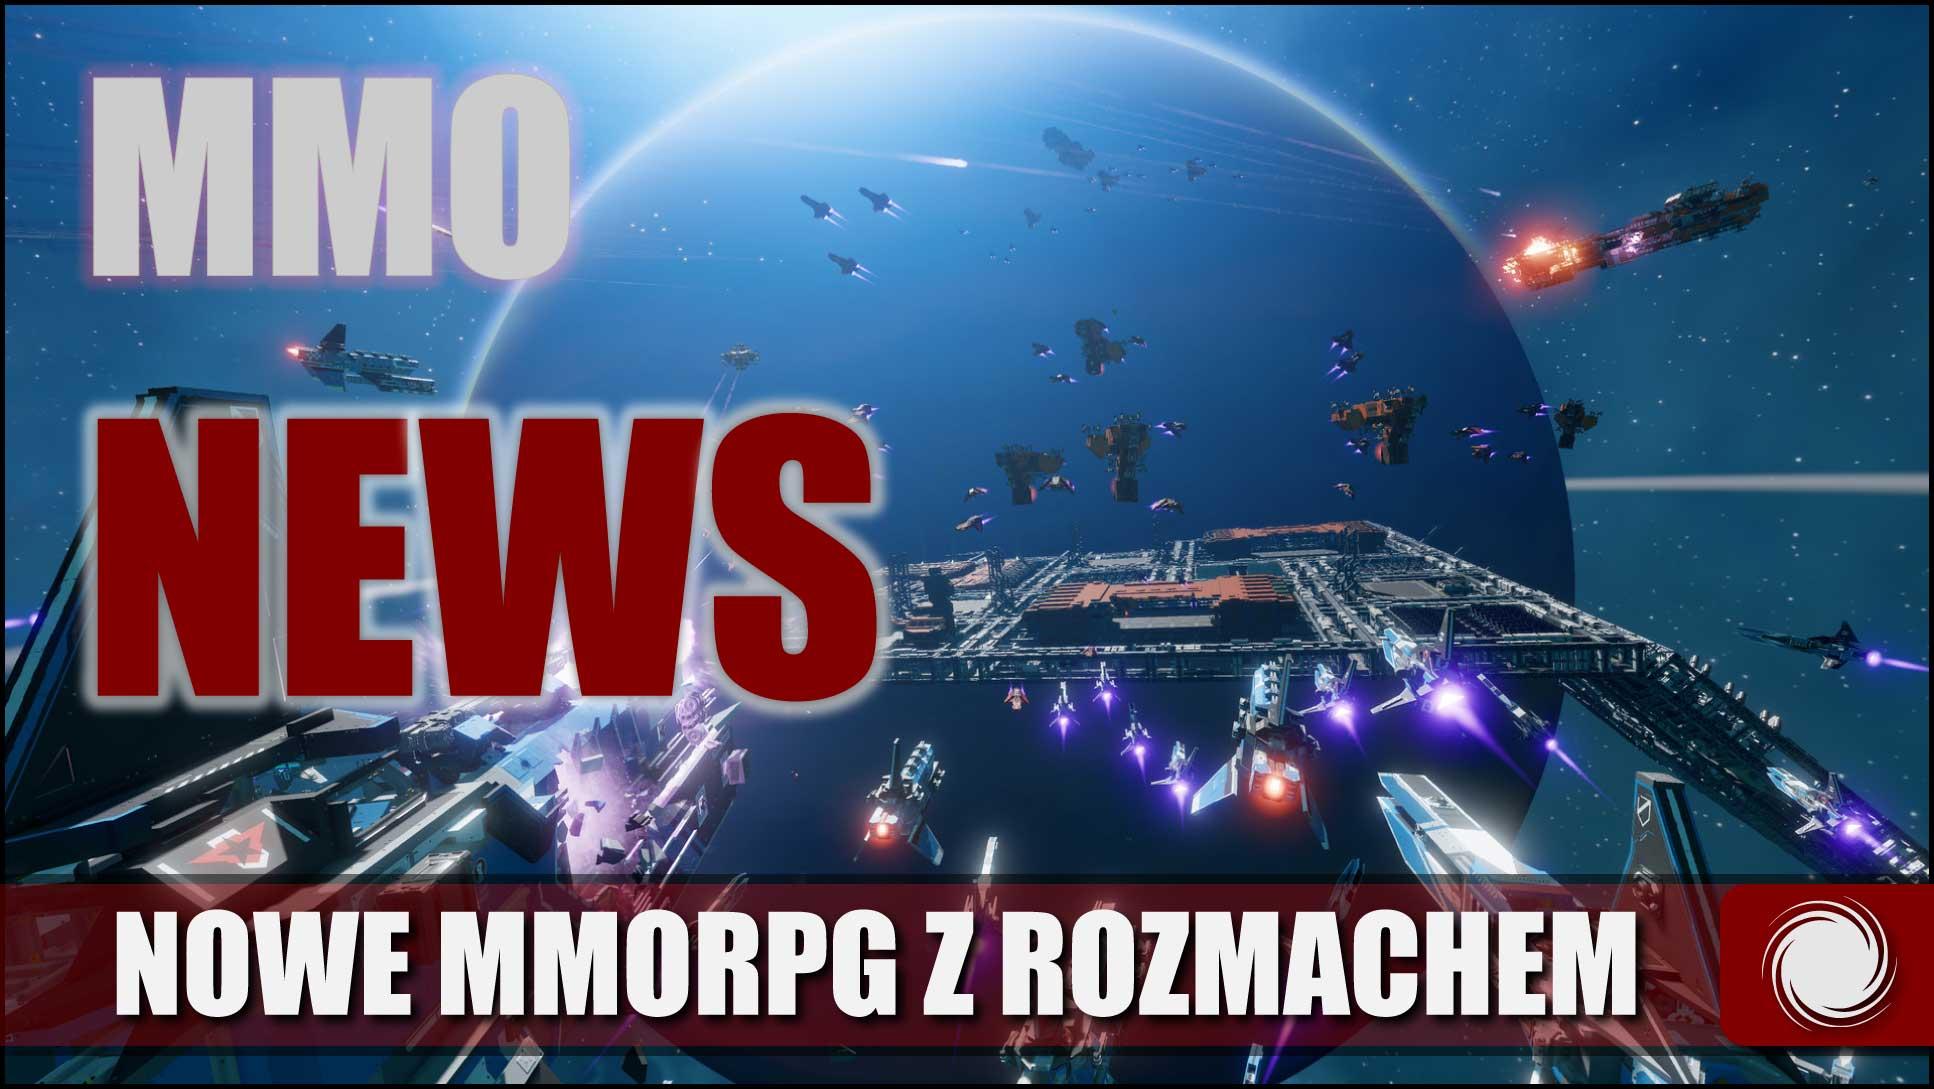 MMO News Starbase